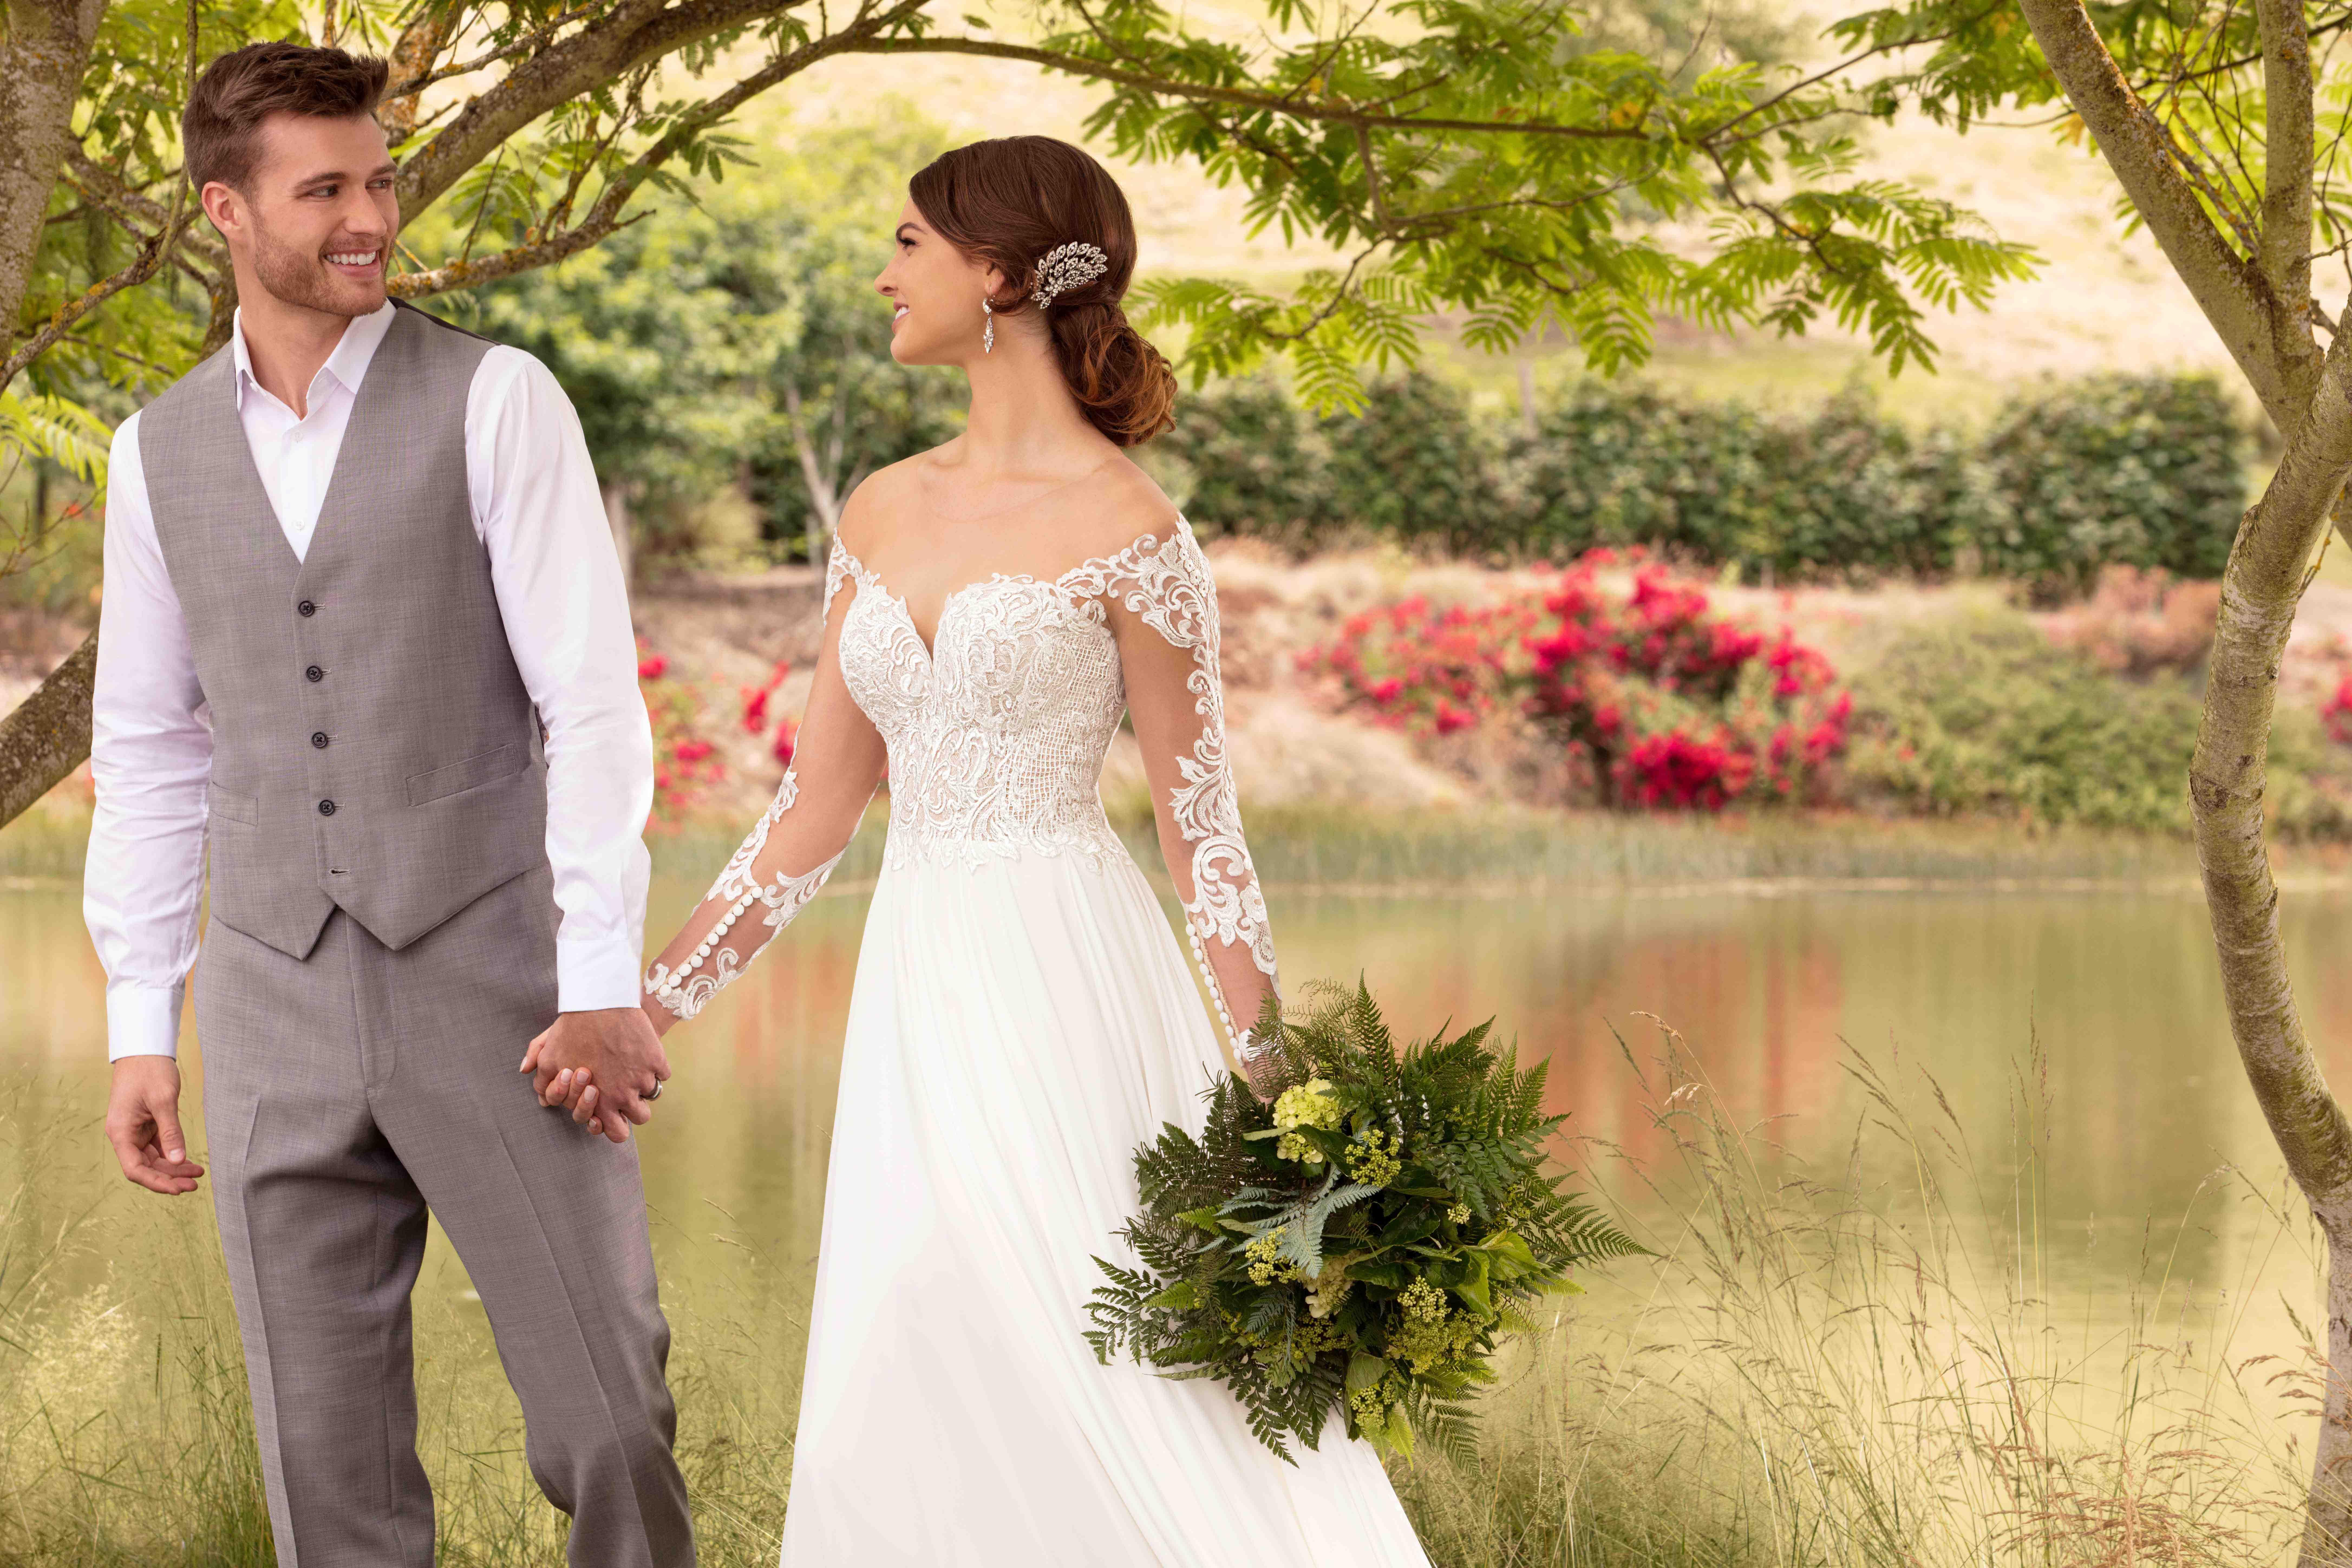 Wat Kost Je Bruiloft Nu Eigenlijk Bruidsmode Aphrodite